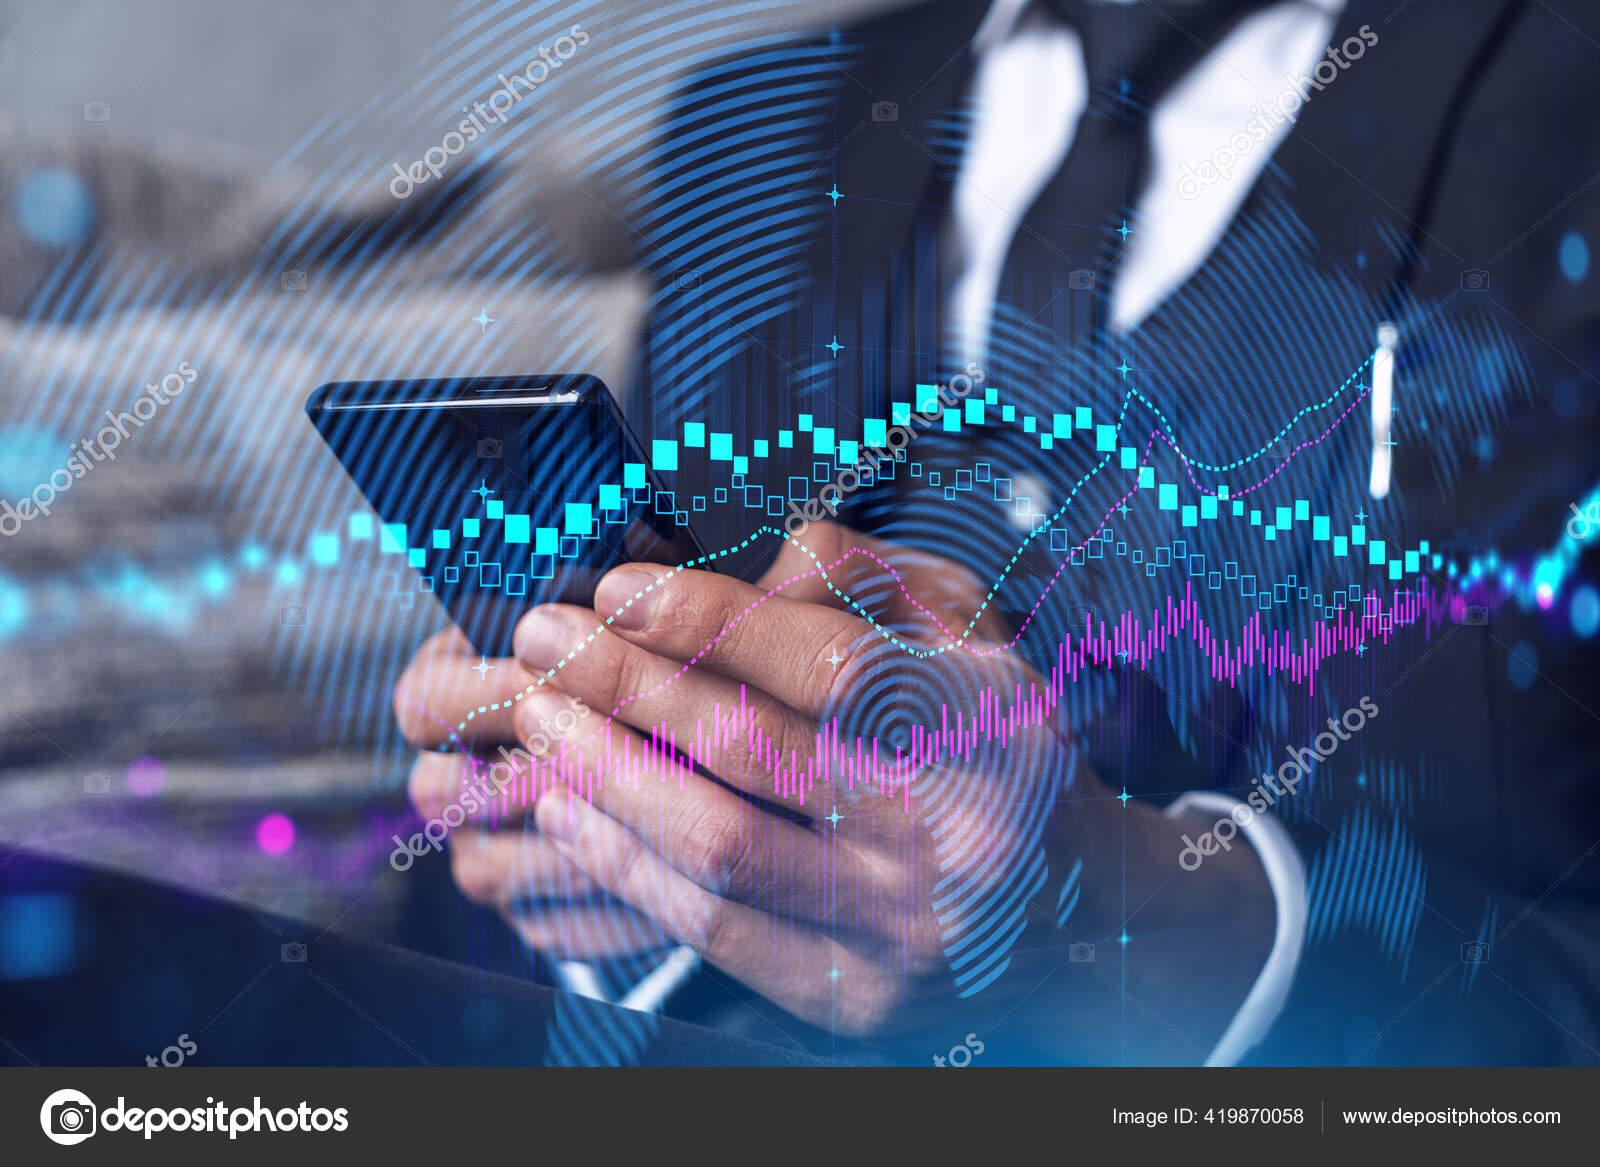 aplicativo de negociação de ações on-line resenha de goptions plataforma de opções binárias